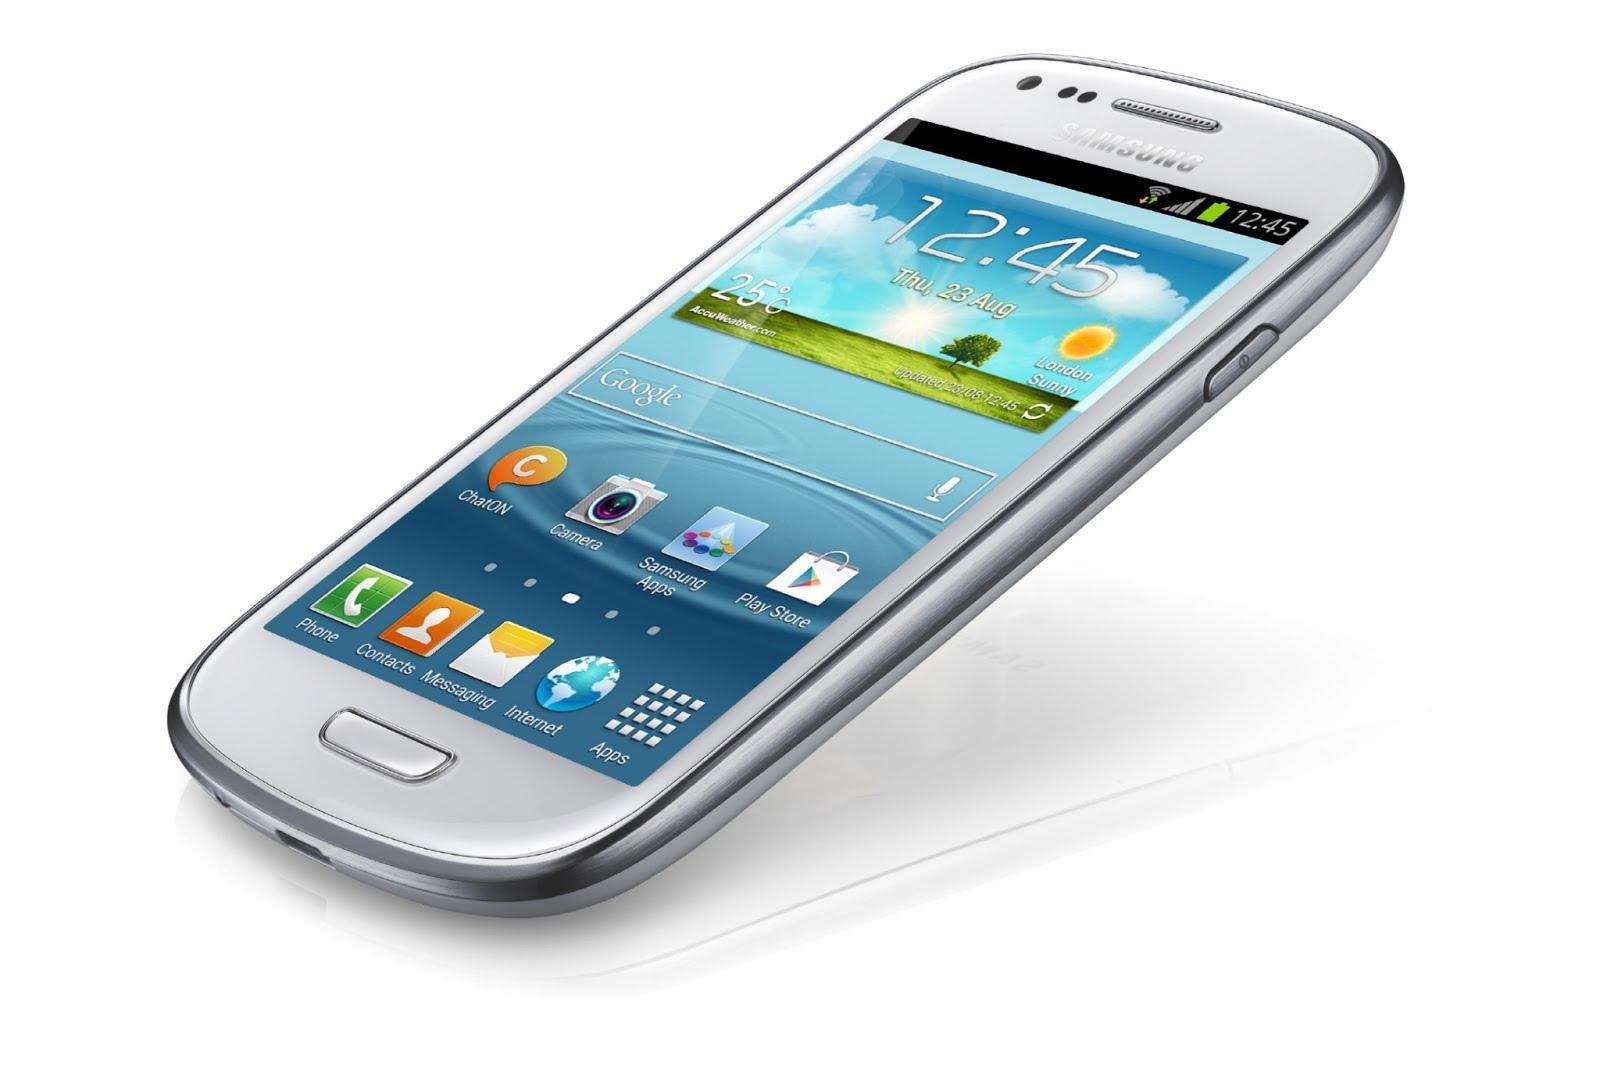 Cât costă iPhone 5 și Samsung Galaxy S III Mini la RCS-RDS și care sunt condițiile spre a-l achiziționa